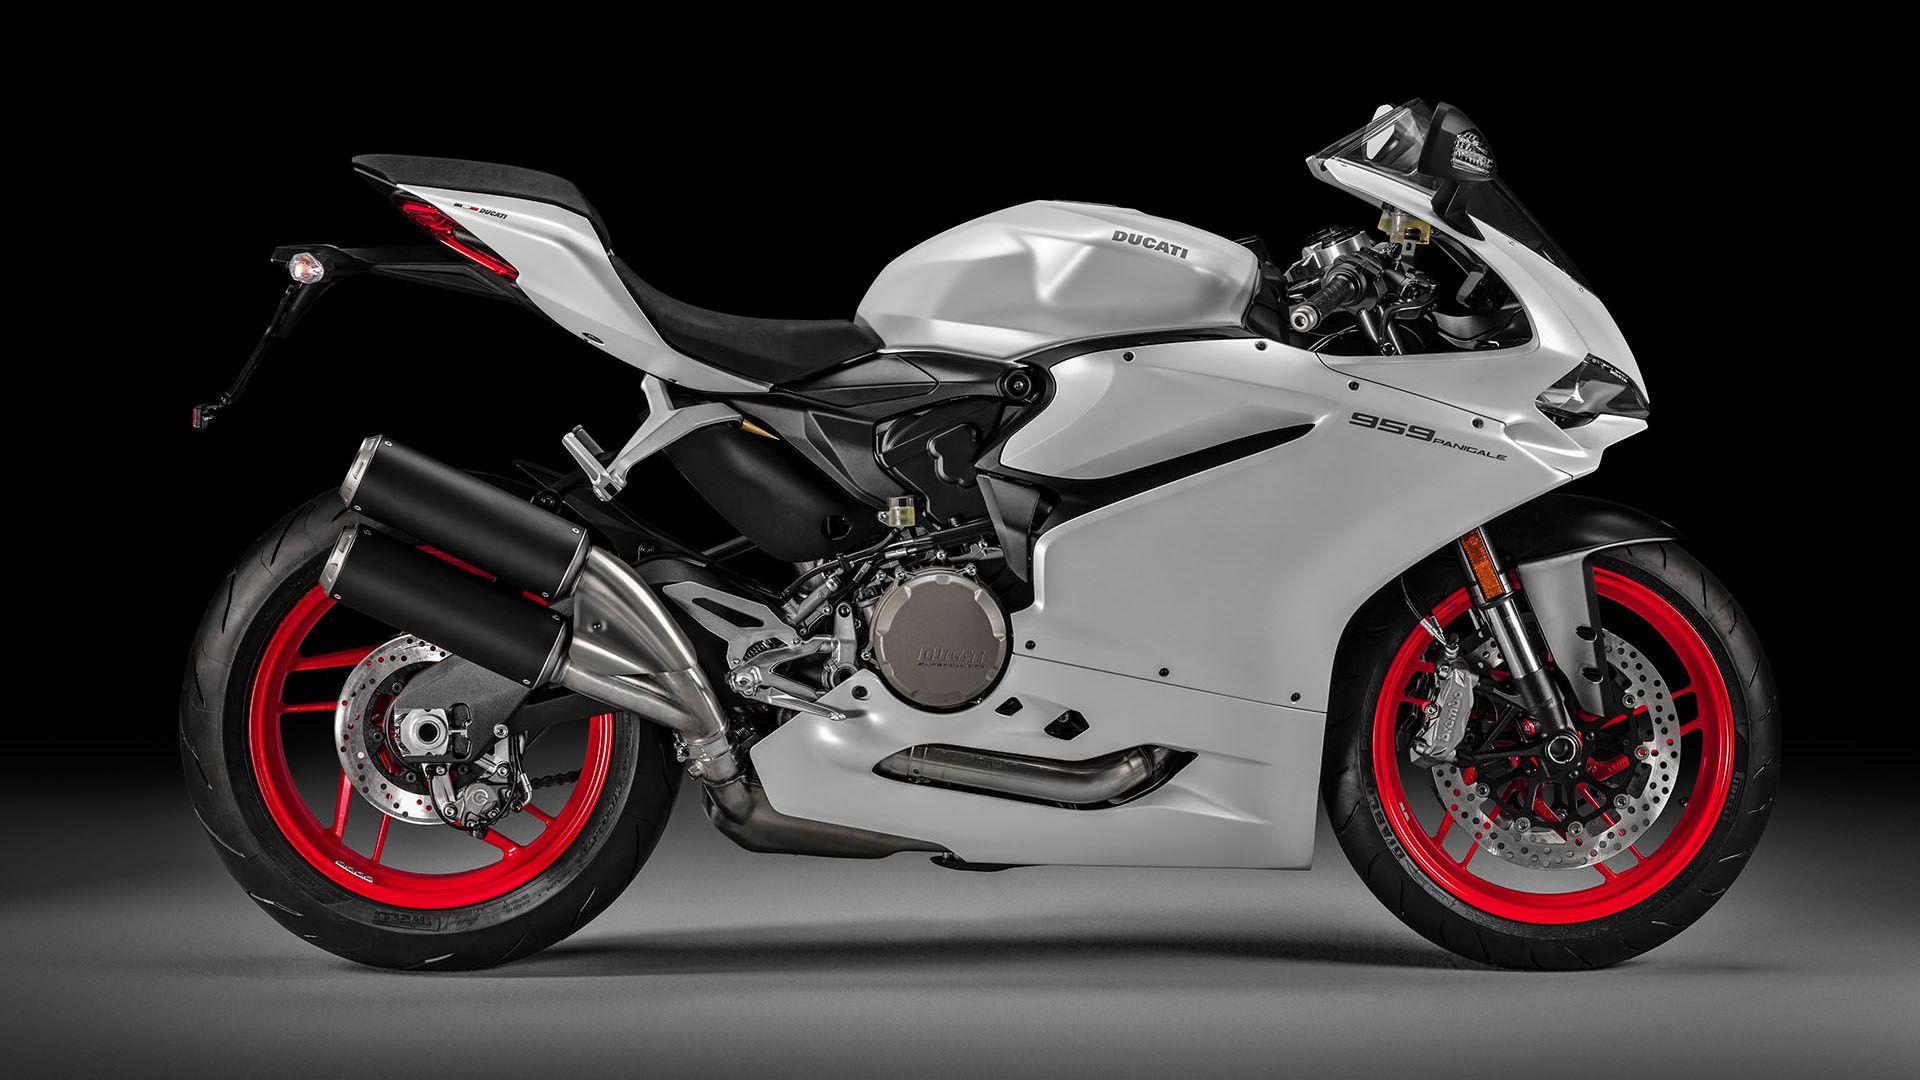 2016 Ducati 959 Panigale: Bigger Motor For Better ...